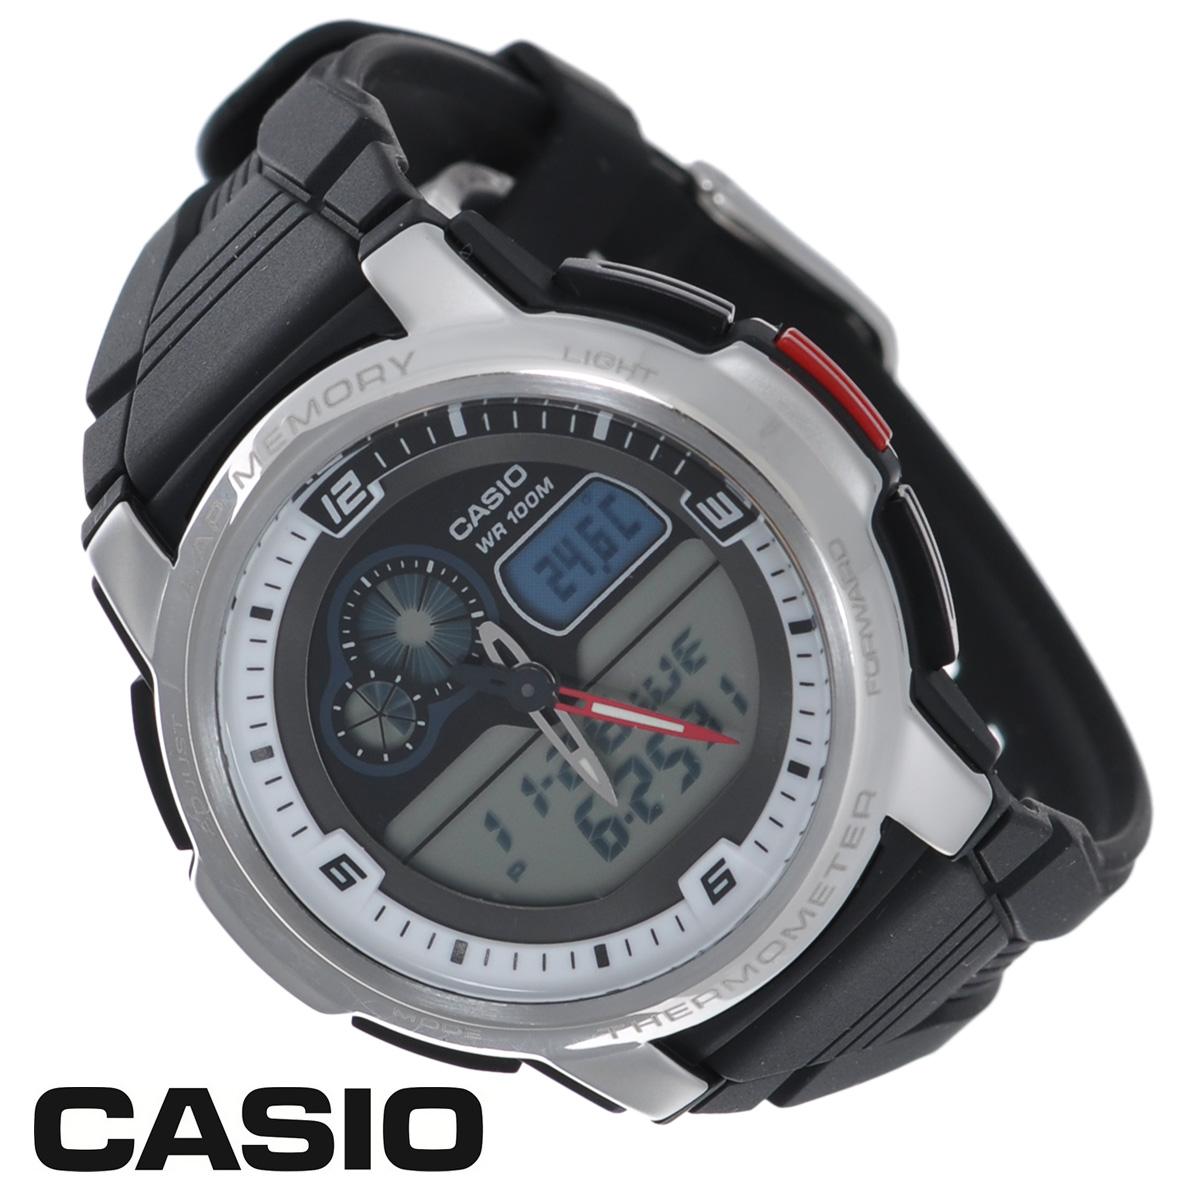 Часы мужские наручные Casio, цвет: серебристый, черный. AQF-102W-7BAQF-102W-7BСтильные аналогово-цифровые часы от японского брэнда Casio - это яркий функциональный аксессуар для современных людей, которые стремятся выделиться из толпы и подчеркнуть свою индивидуальность. Часы оснащены японским кварцевым механизмом. Корпус часов изготовлен из нержавеющей стали и пластика. Циферблат с двумя стрелками защищен пластиковым выпуклым стеклом. Ремешок из пластика имеет классическую застежку. Основные функции: - будильник; - автоматический календарь (число, месяц, день недели, год); - термометр; - секундомер, время измерения 100 часов; - 12-ти и 24-х часовой формат времени; - таймер; - мировое время. Питание часов осуществляется от сменной батареи. Часы упакованы в фирменную коробку с логотипом Casio. Такой аксессуар добавит вашему образу стиля и подчеркнет безупречный вкус своего владельца. Характеристики: ...